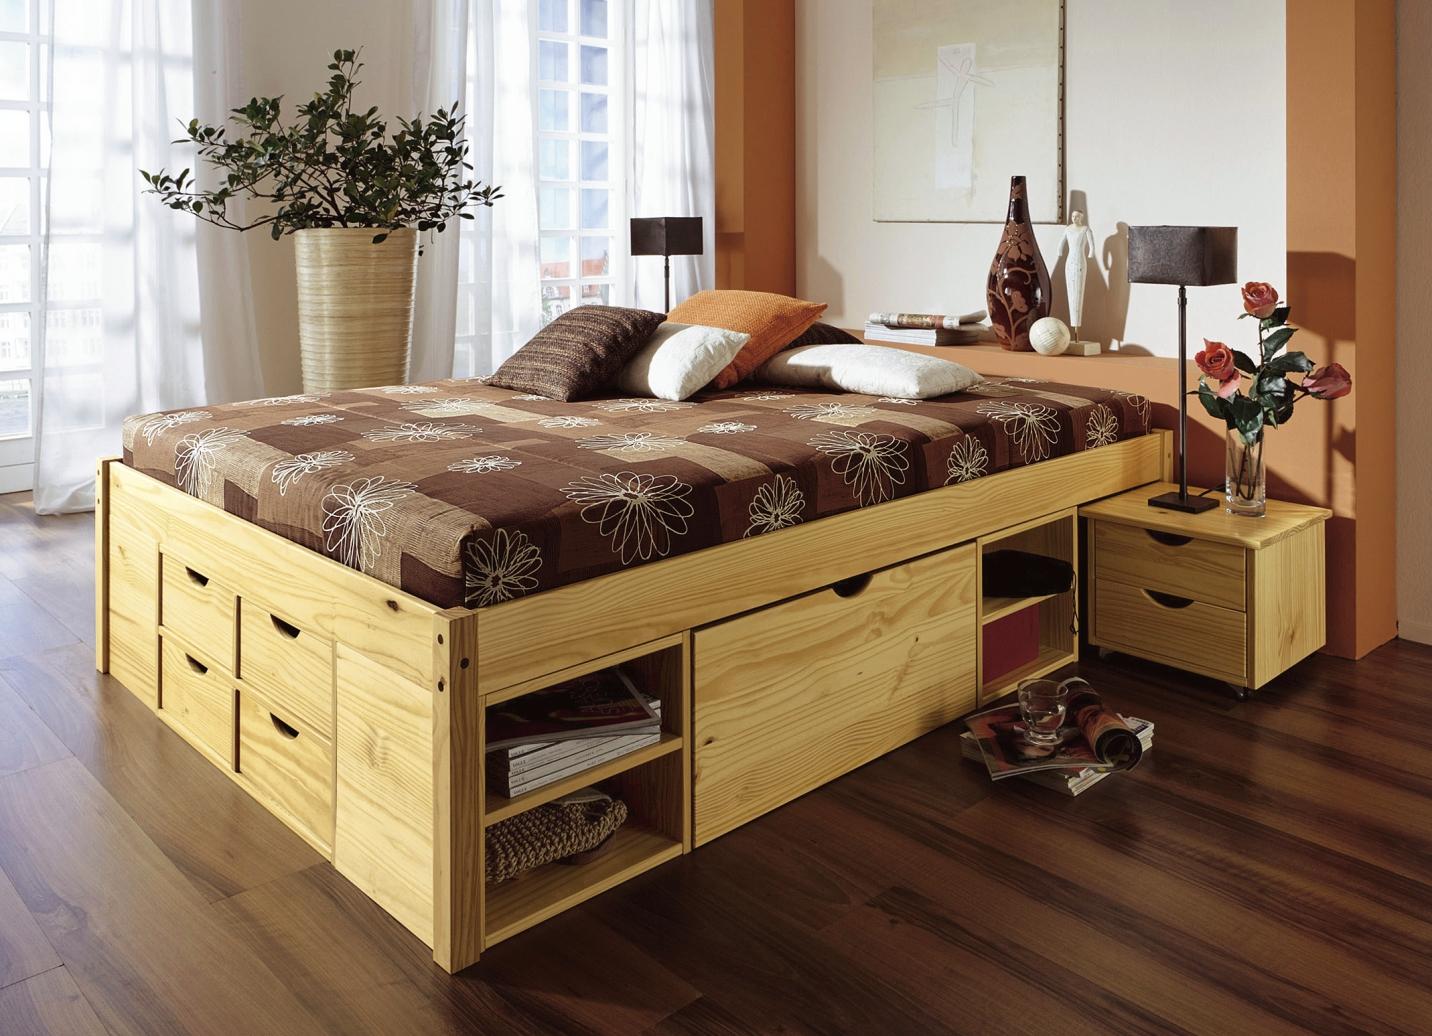 Funktionsbett in verschiedenen ausf hrungen schlafzimmer - Schlafzimmer schnappchen ...